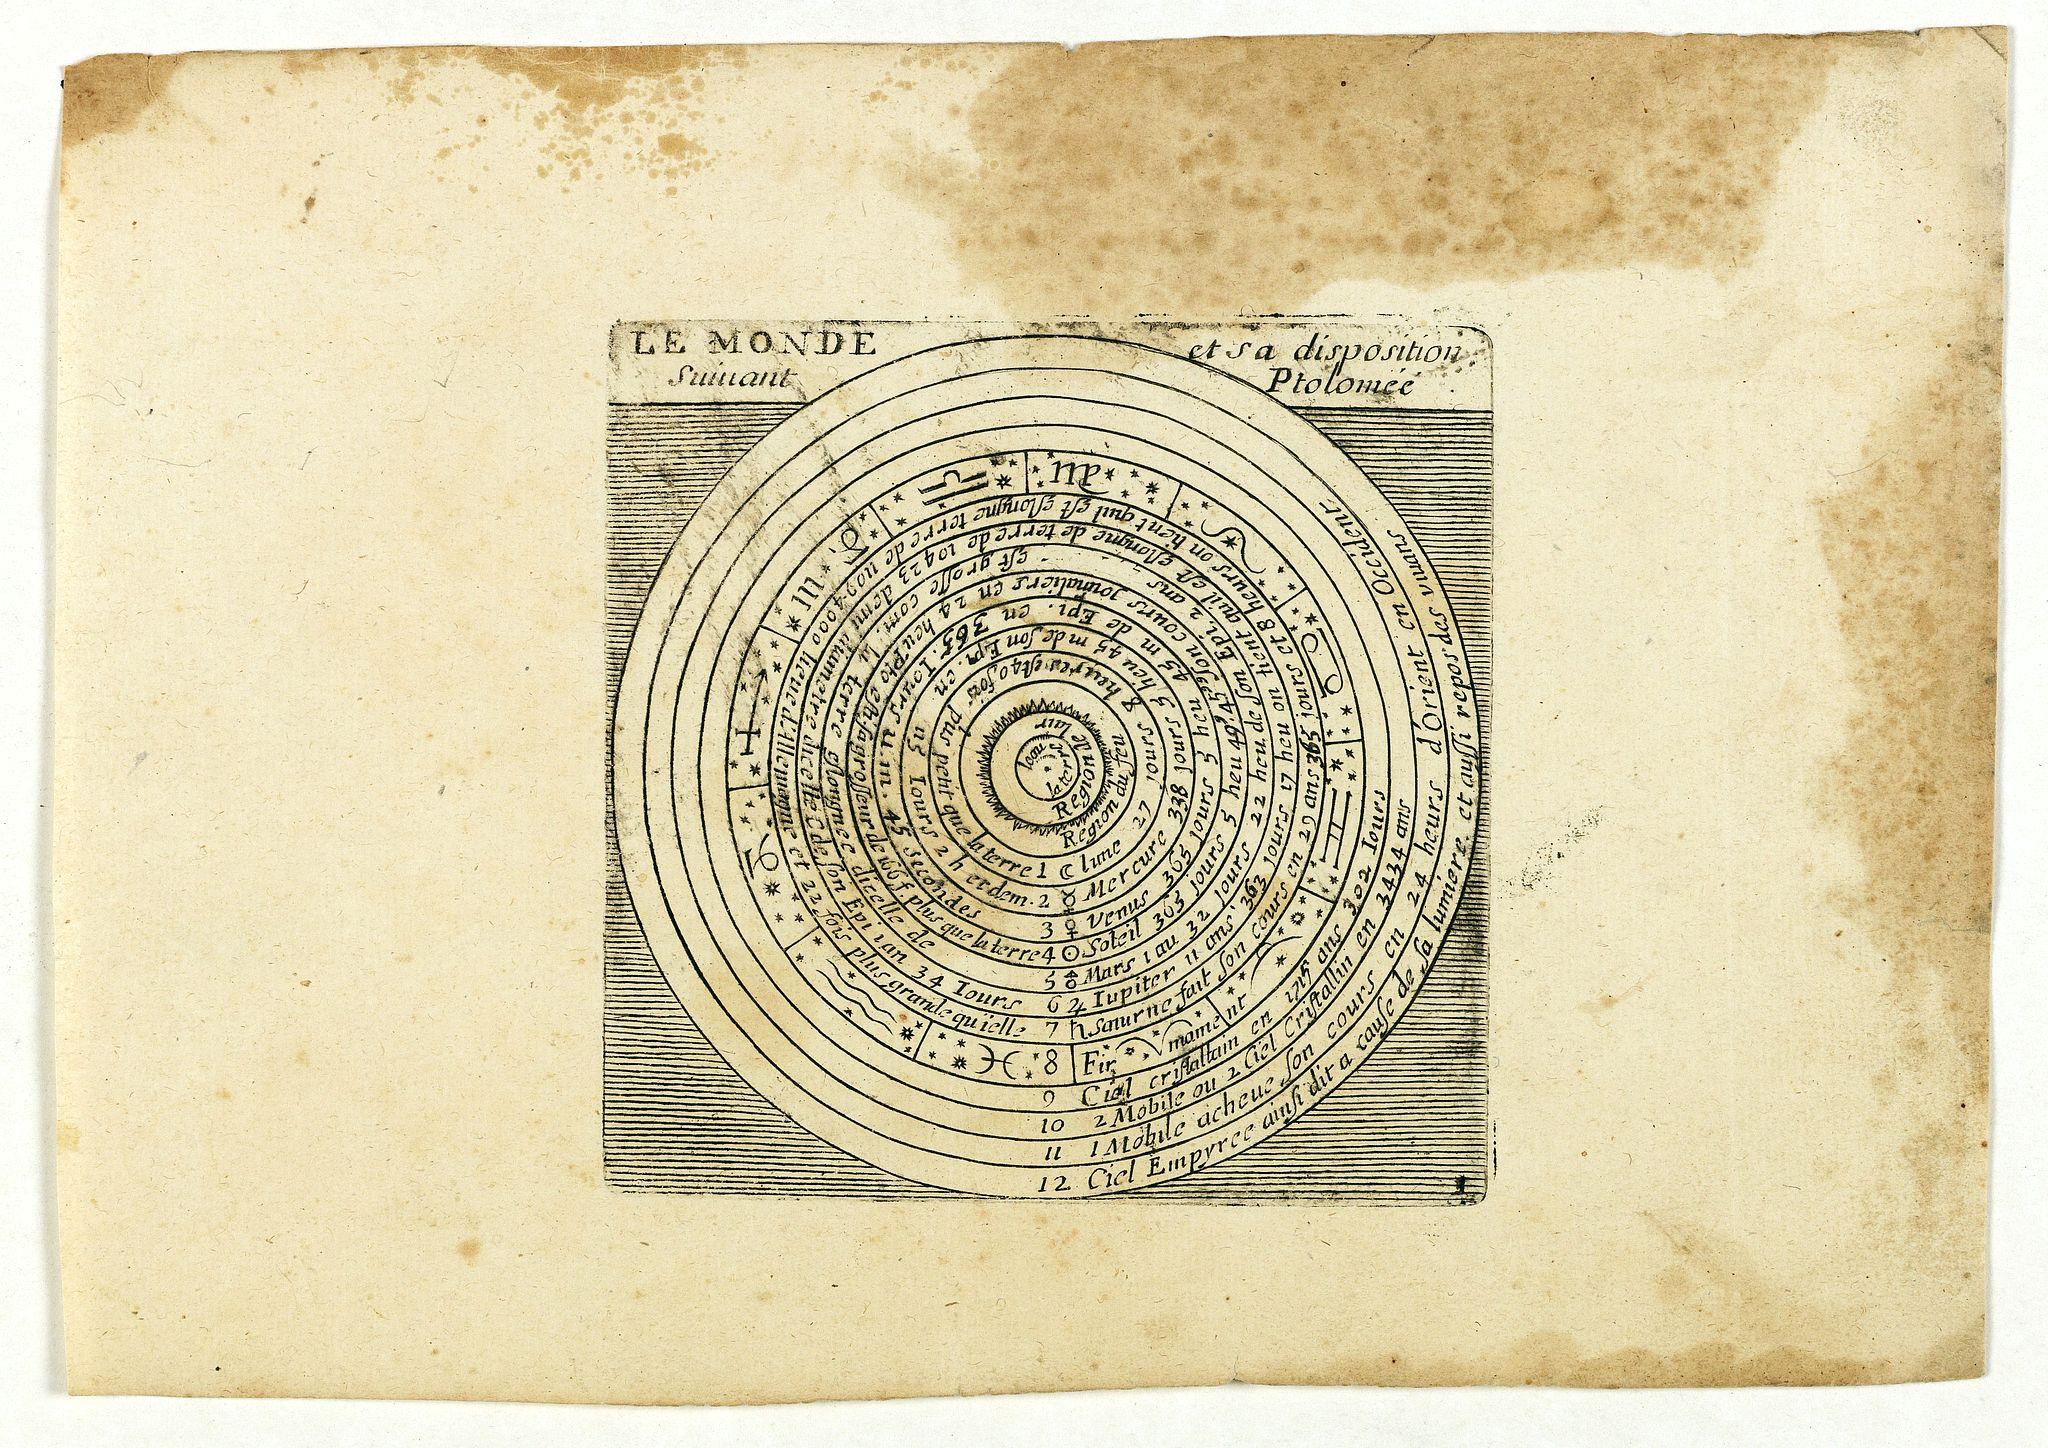 JOLLAIN, G. -  Le monde et sa disposition suivant Ptolomée.